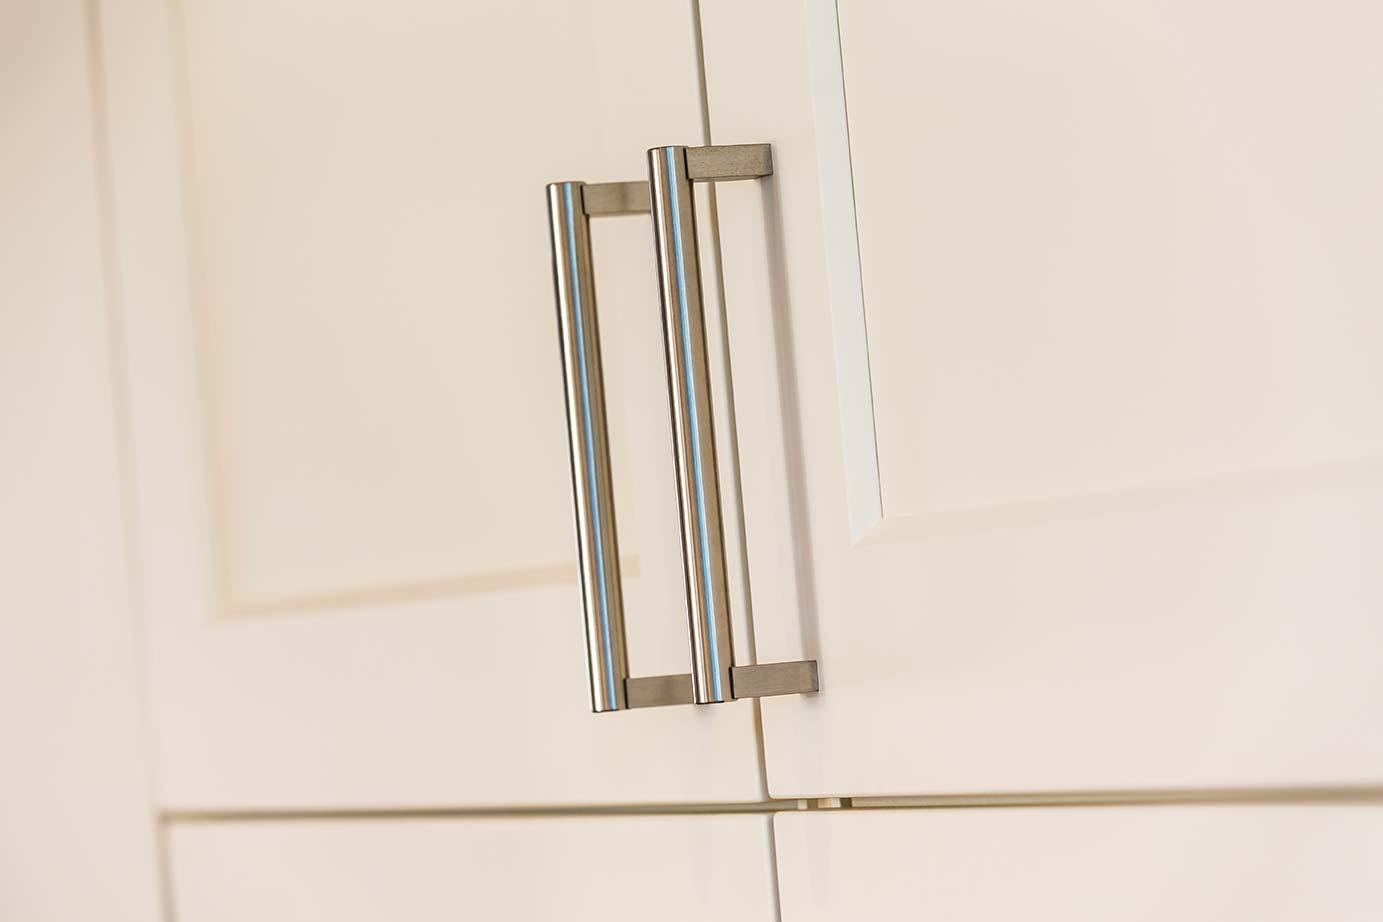 Kristal Keuken Handgrepen : Handgrepen keuken 300+ modellen Praktisch advies! Pelma